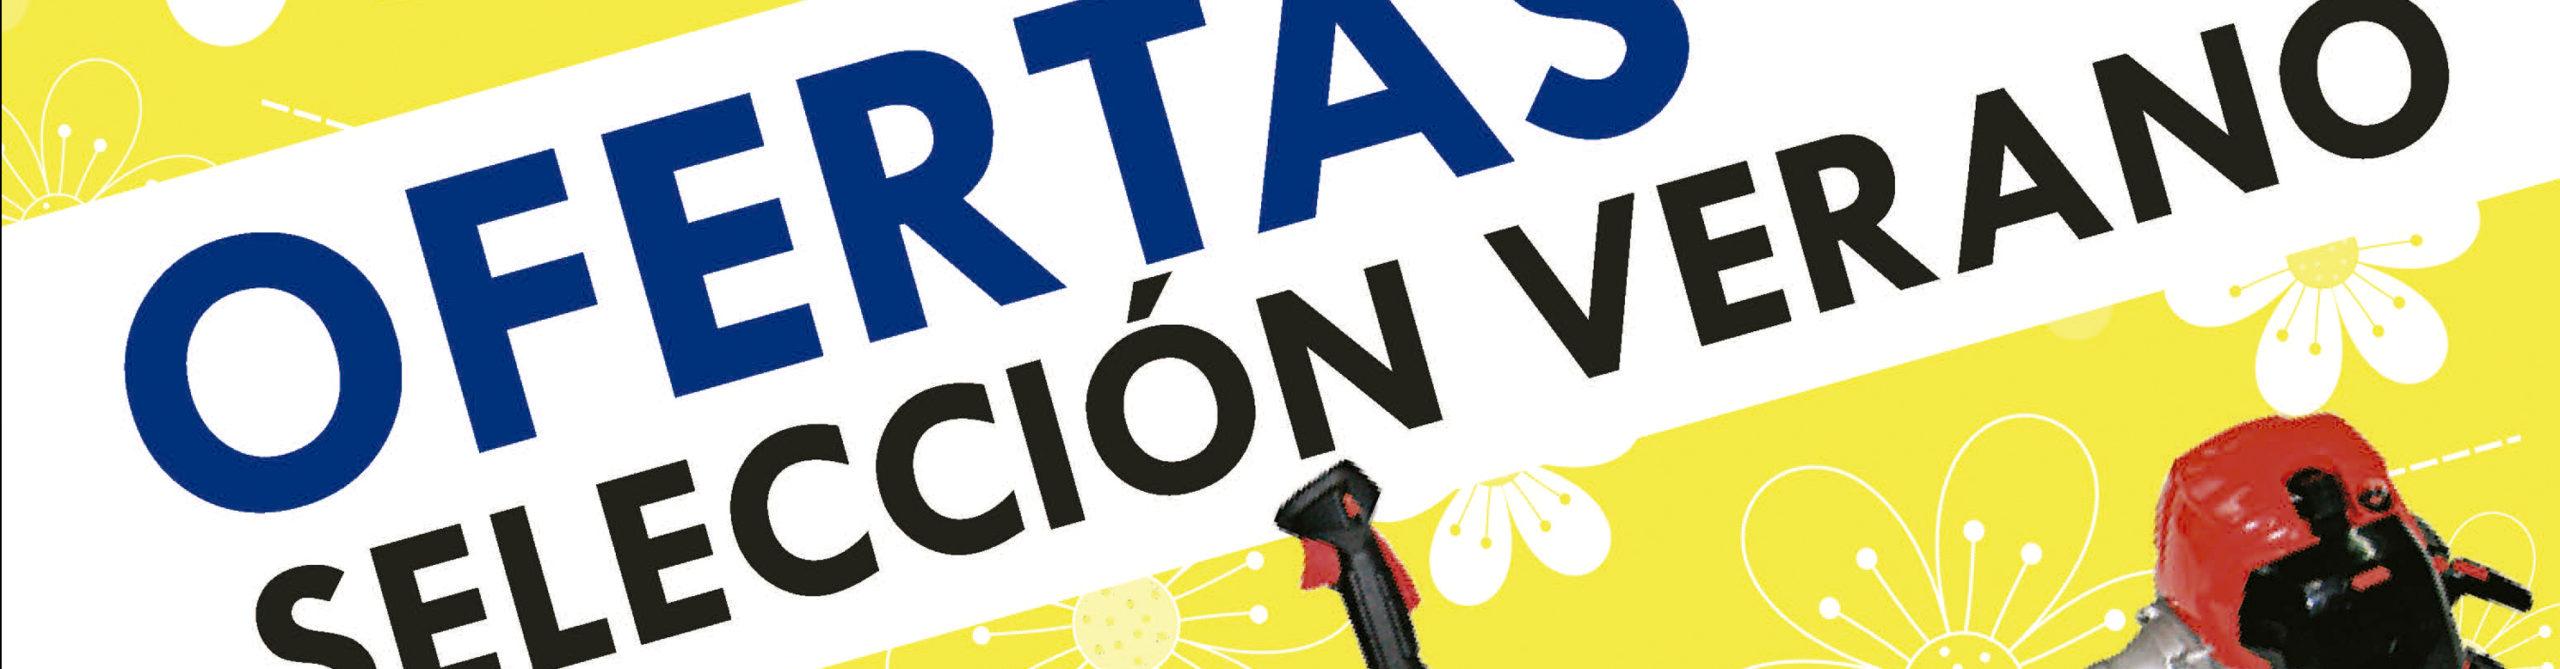 OFERTAS SELECCIÓN VERANO